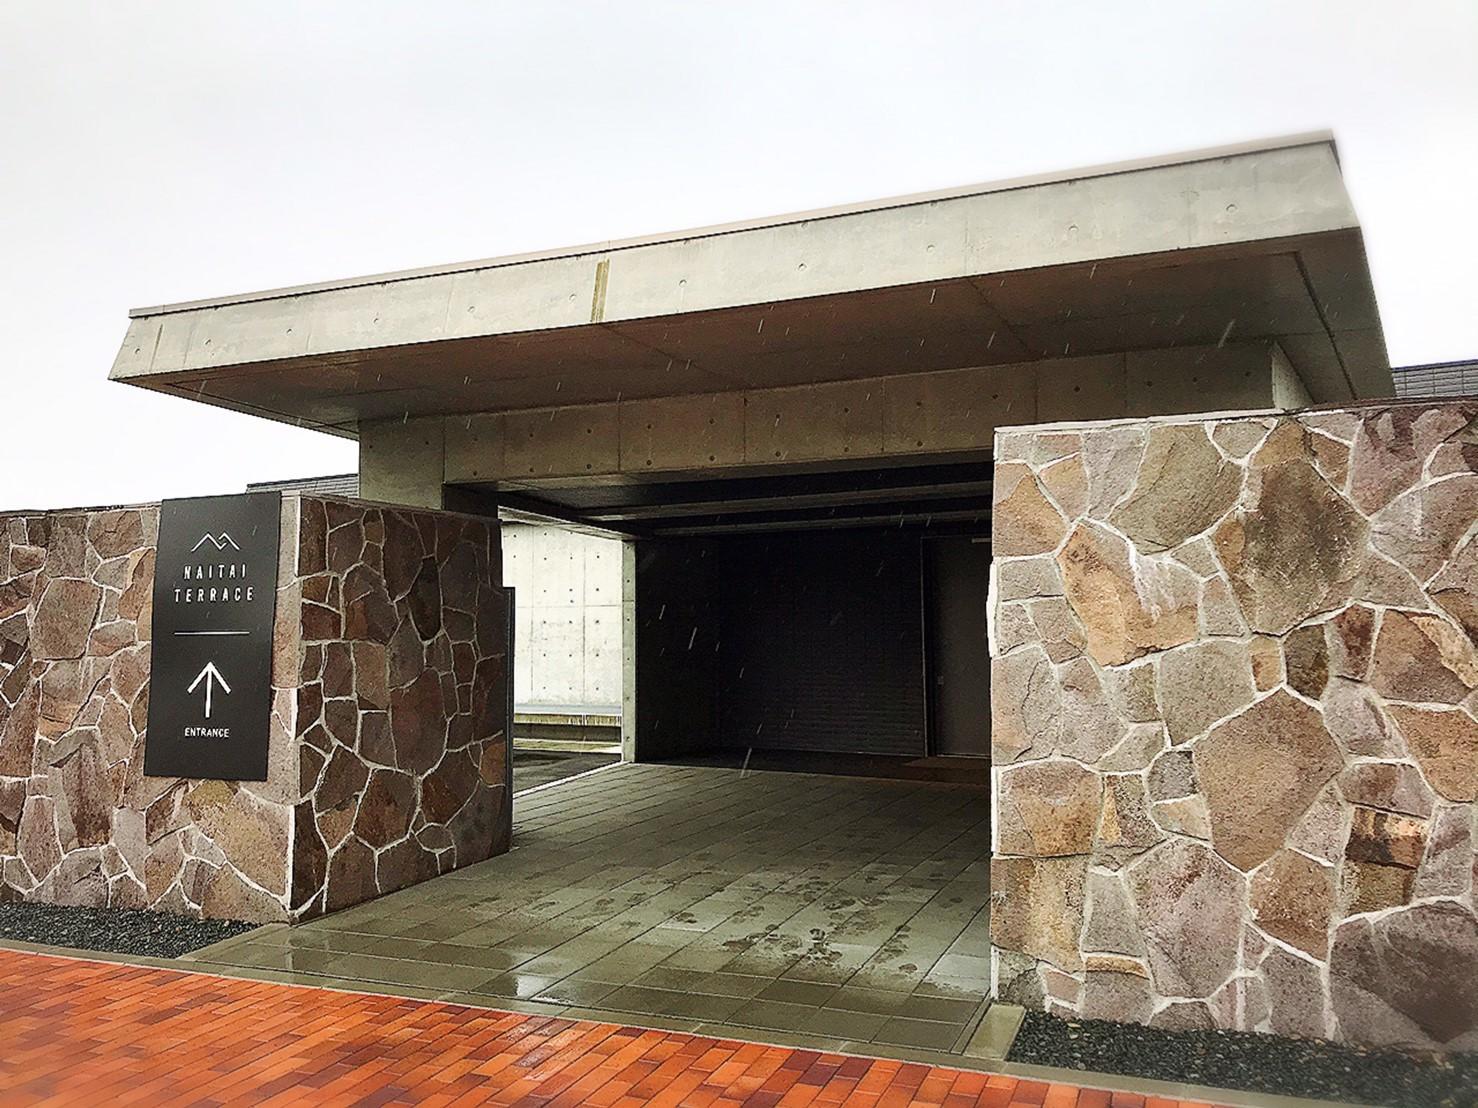 NAITAI TERRACE/上士幌町_c0378174_17422735.jpg